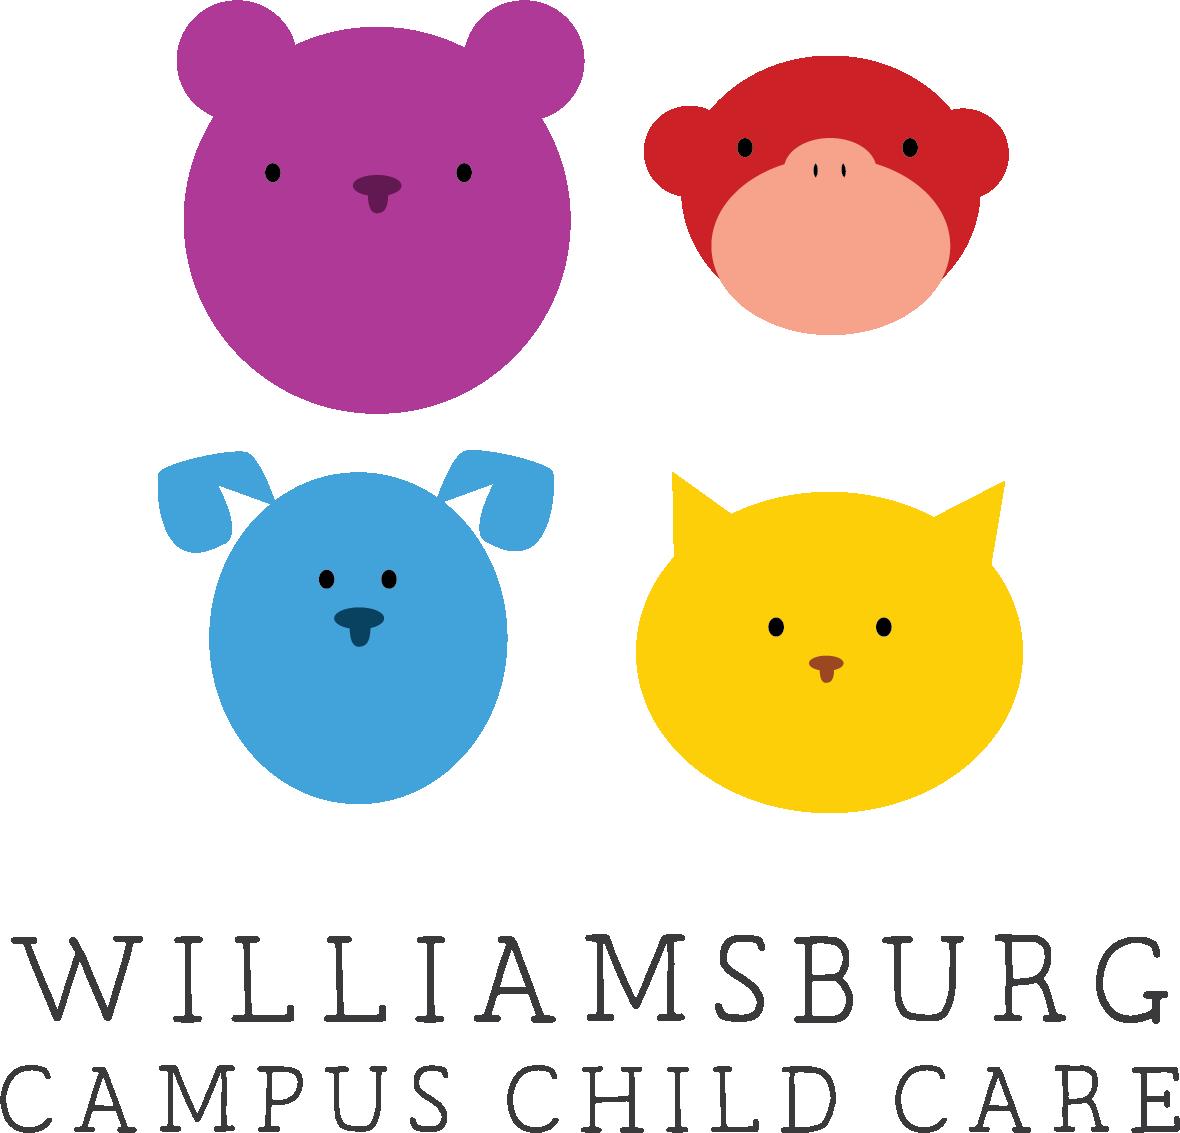 Movement clipart manipulative skill. Curriculum williamsburg campus child